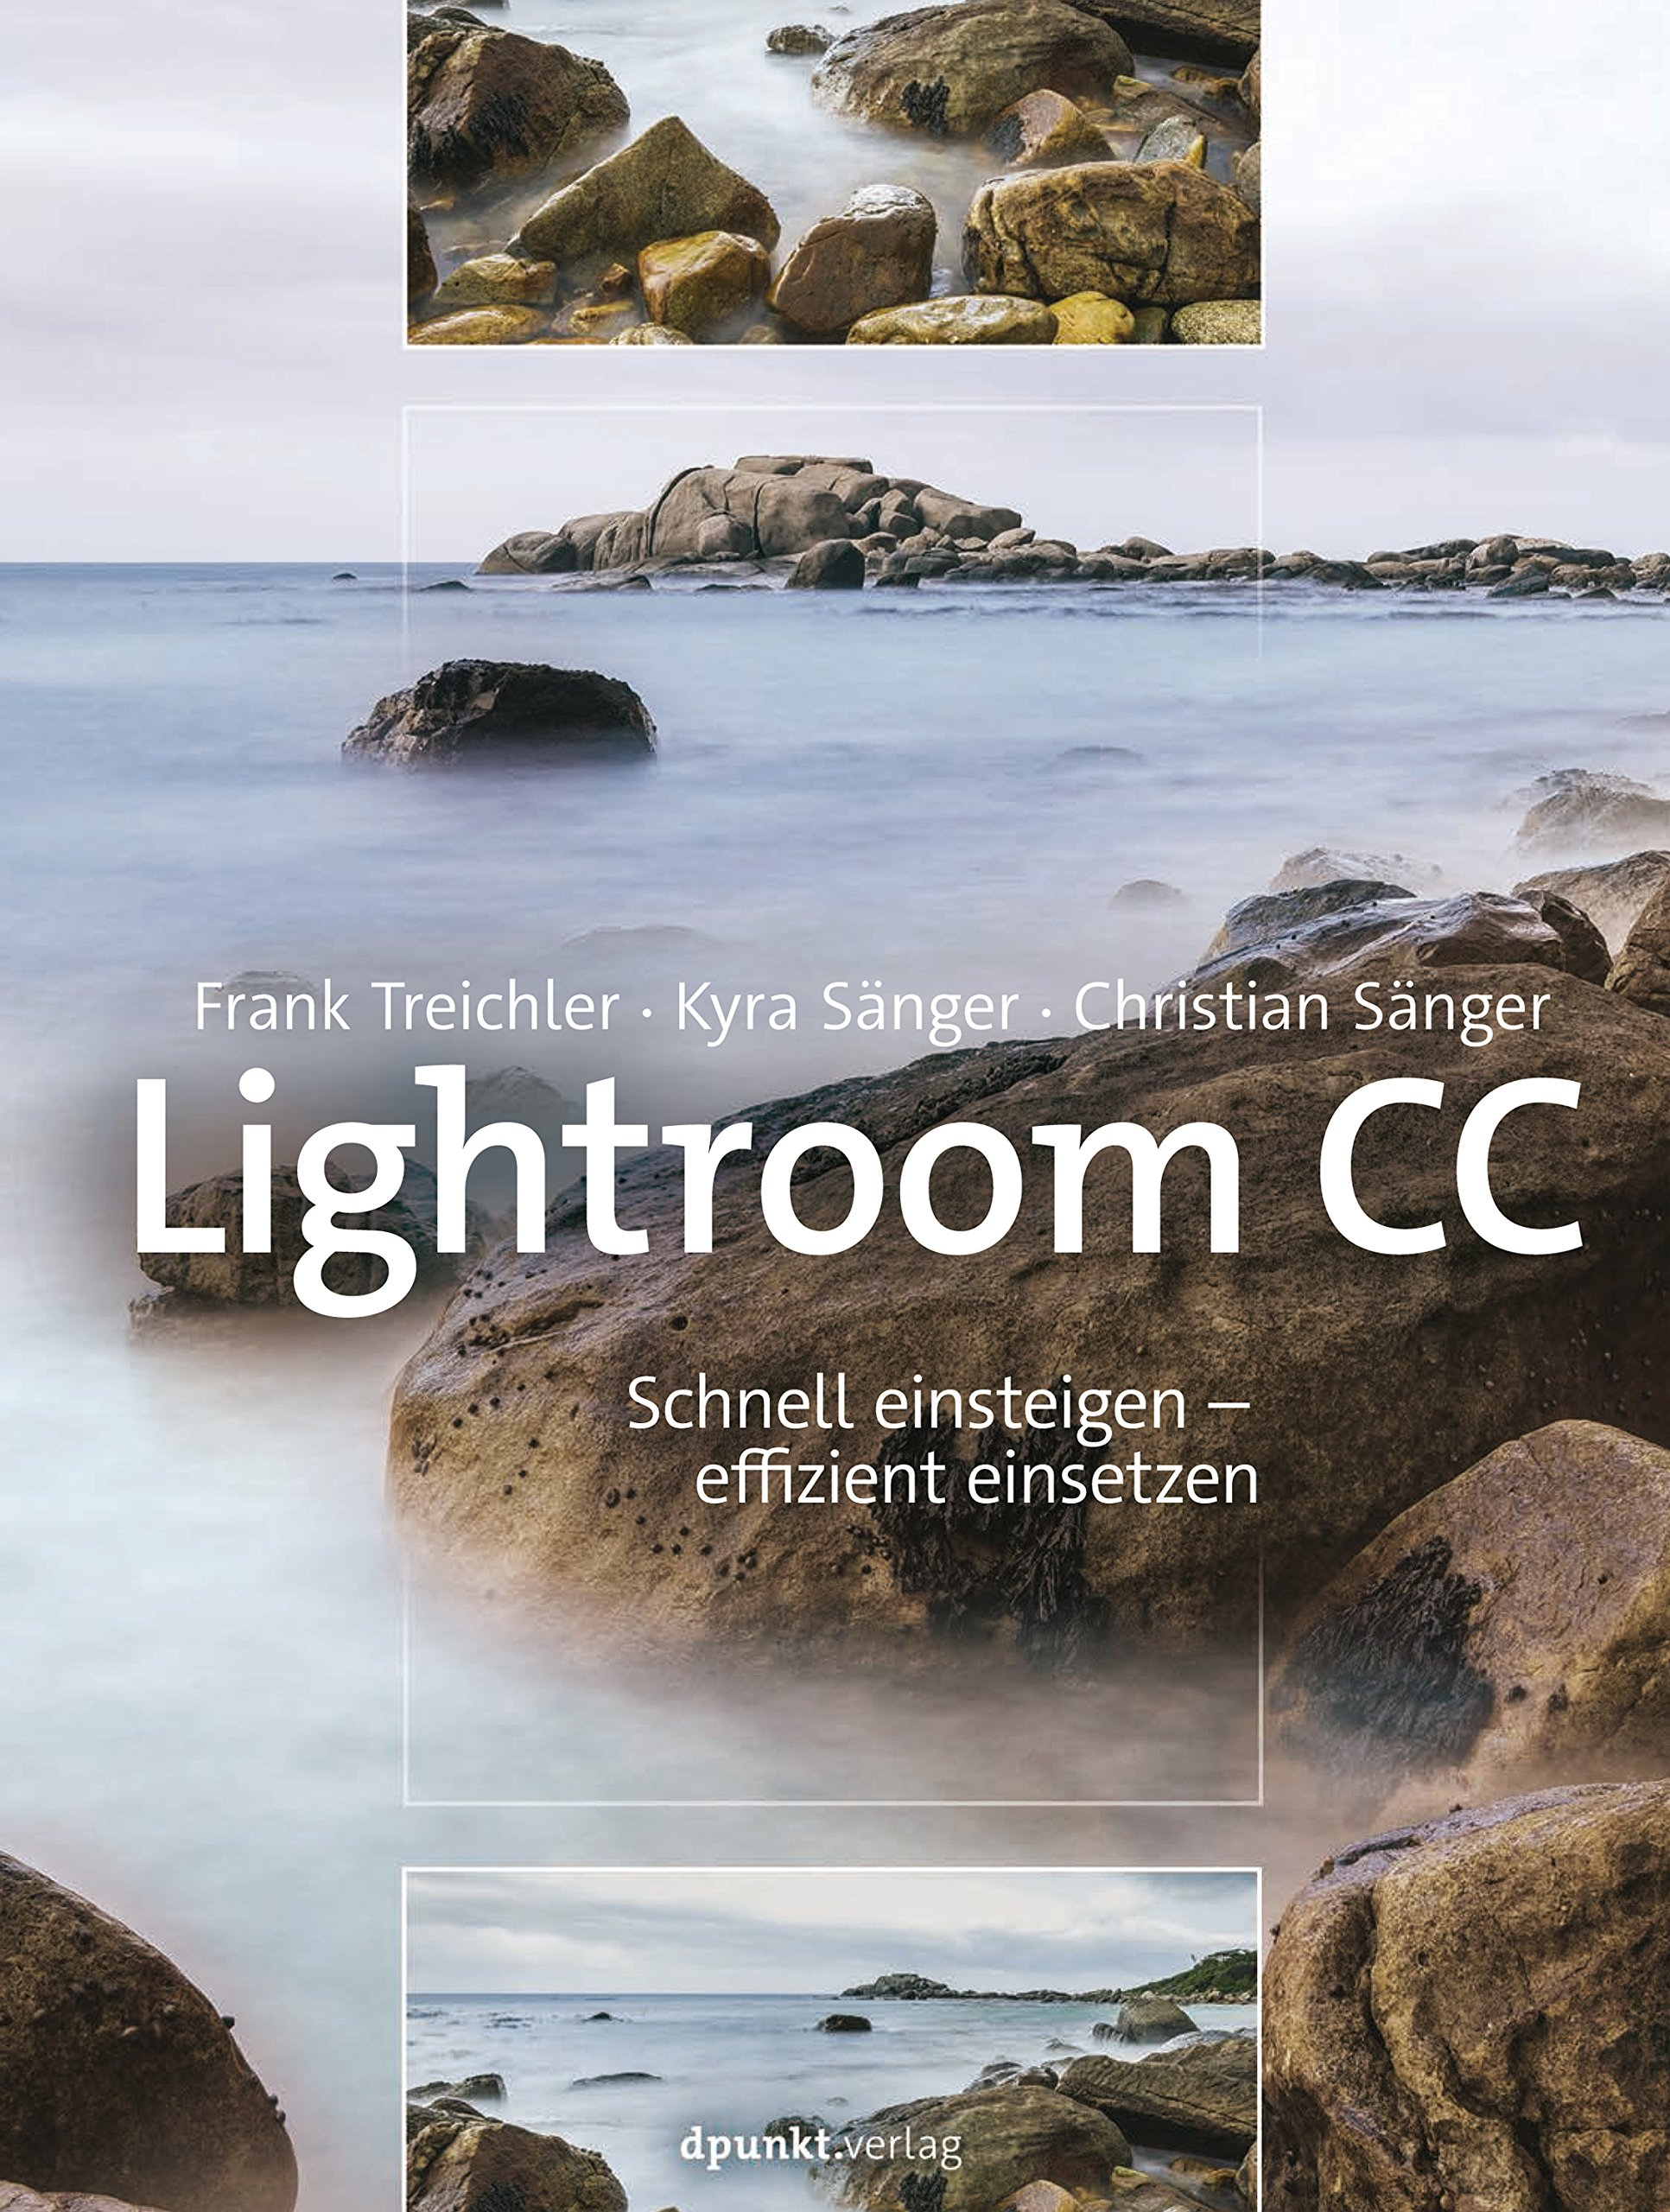 Lightroom CC: Schnell einsteigen – effizient einsetzen Gebundenes Buch – 26. Juni 2017 Frank Treichler Kyra Sänger Christian Sänger dpunkt.verlag GmbH